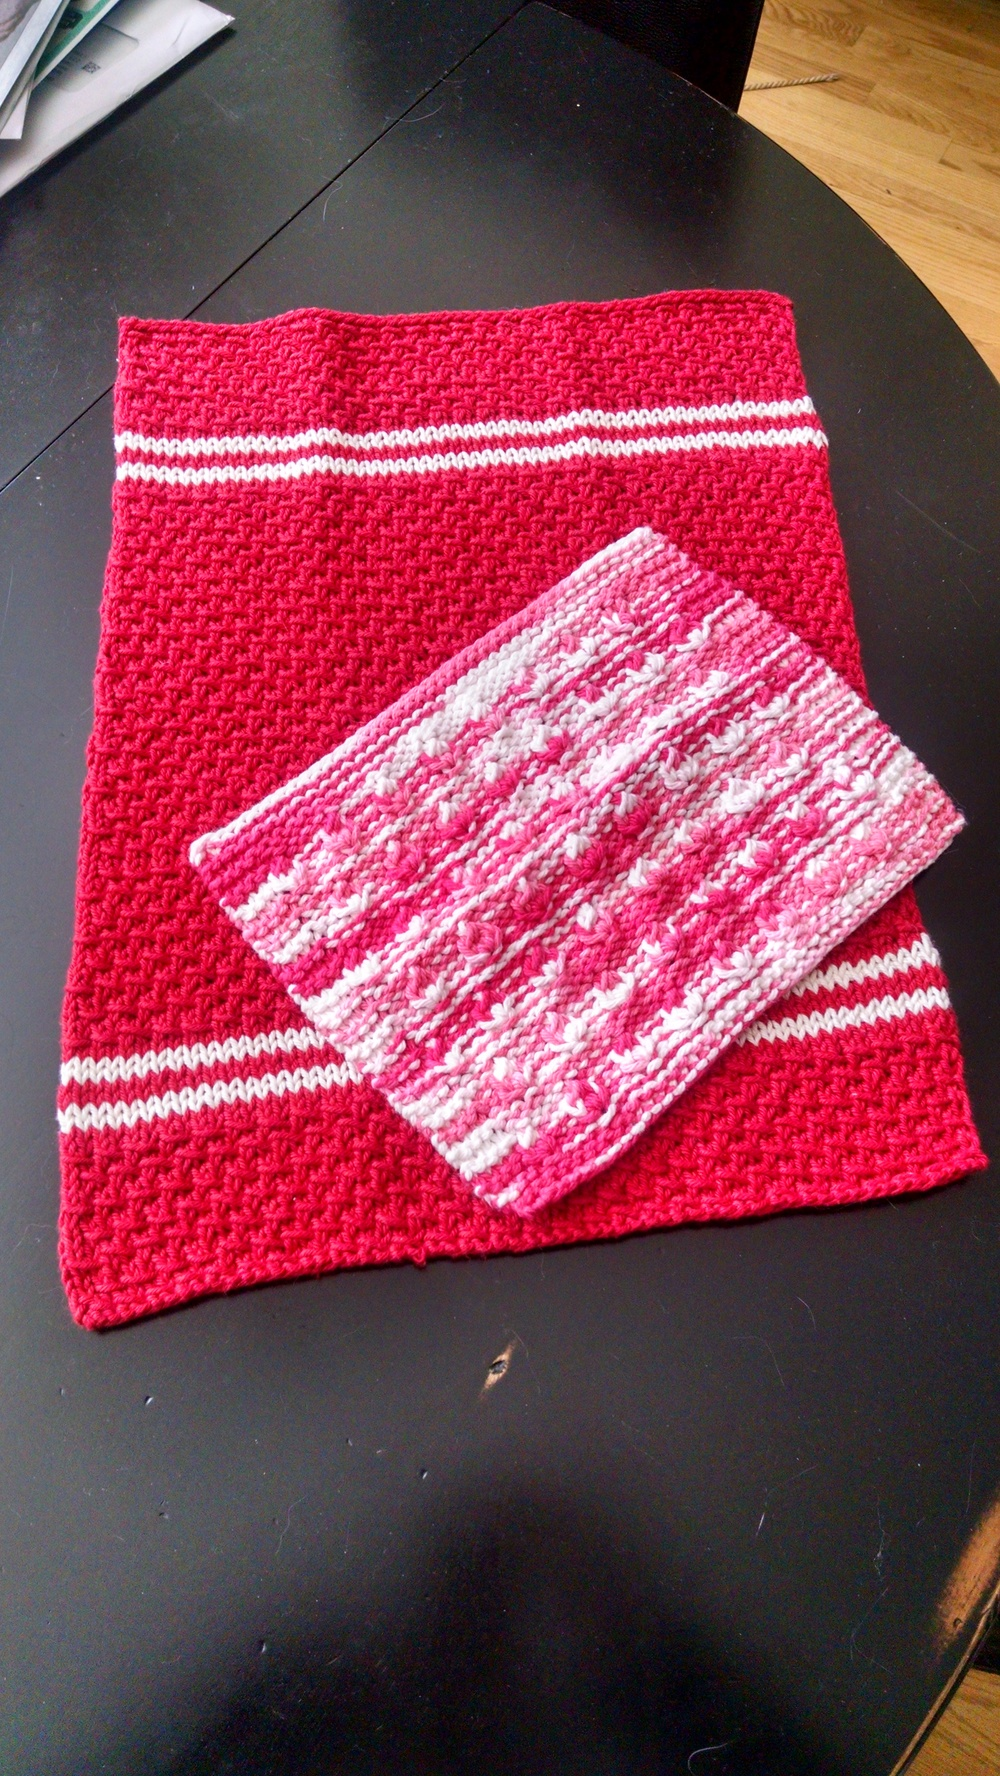 100% Cotton Dish Towel & Dishcloth